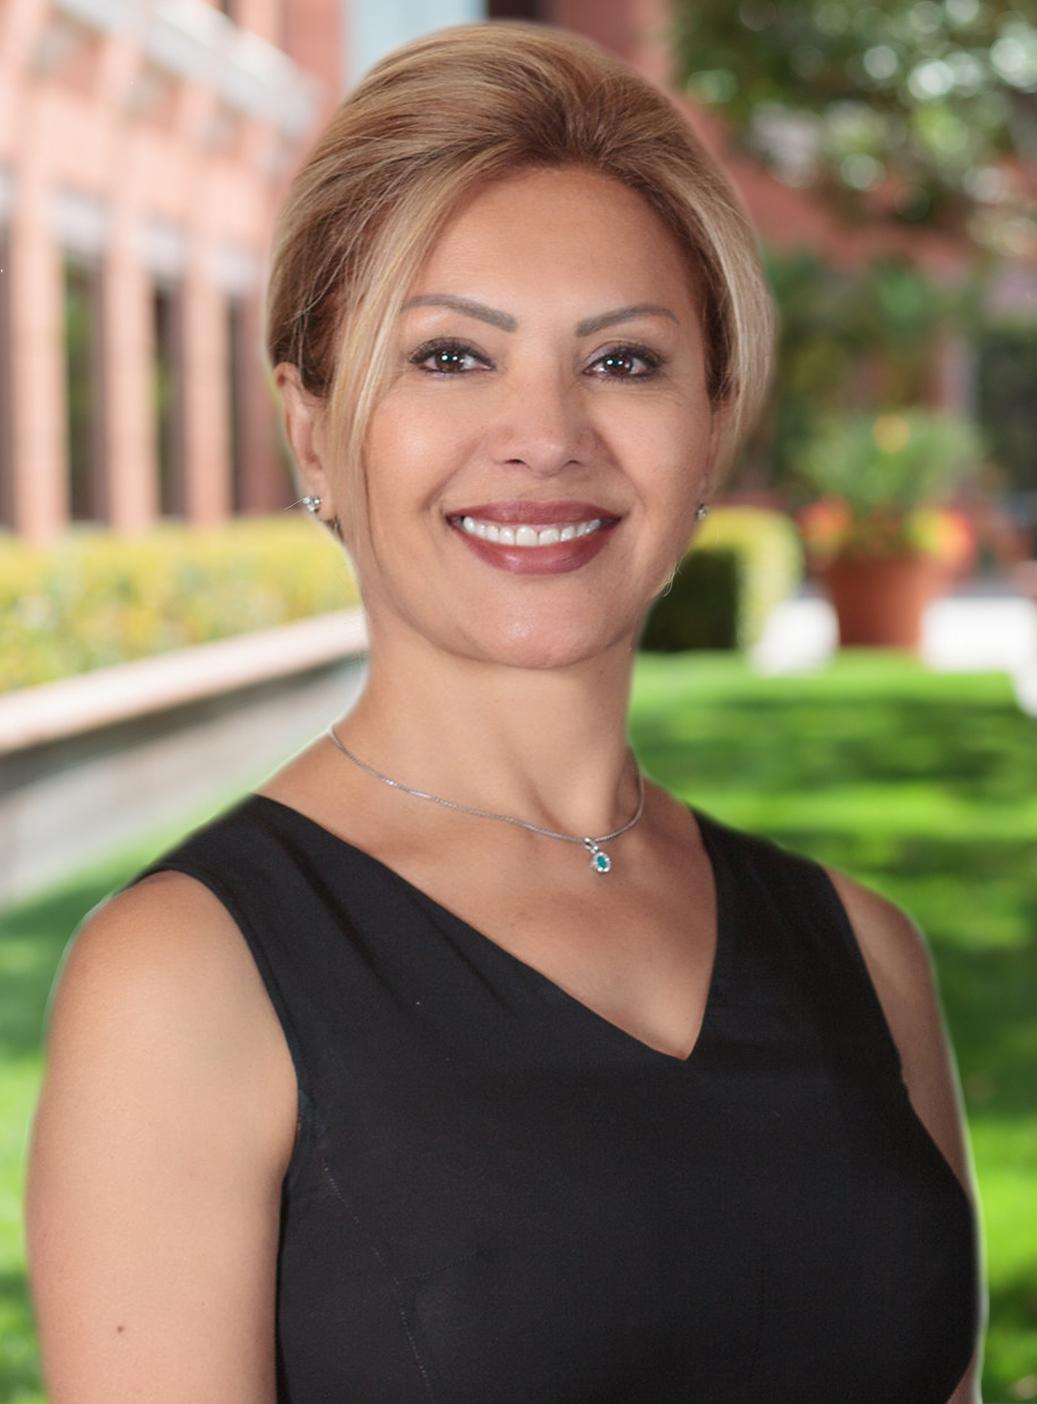 Mina Maghami